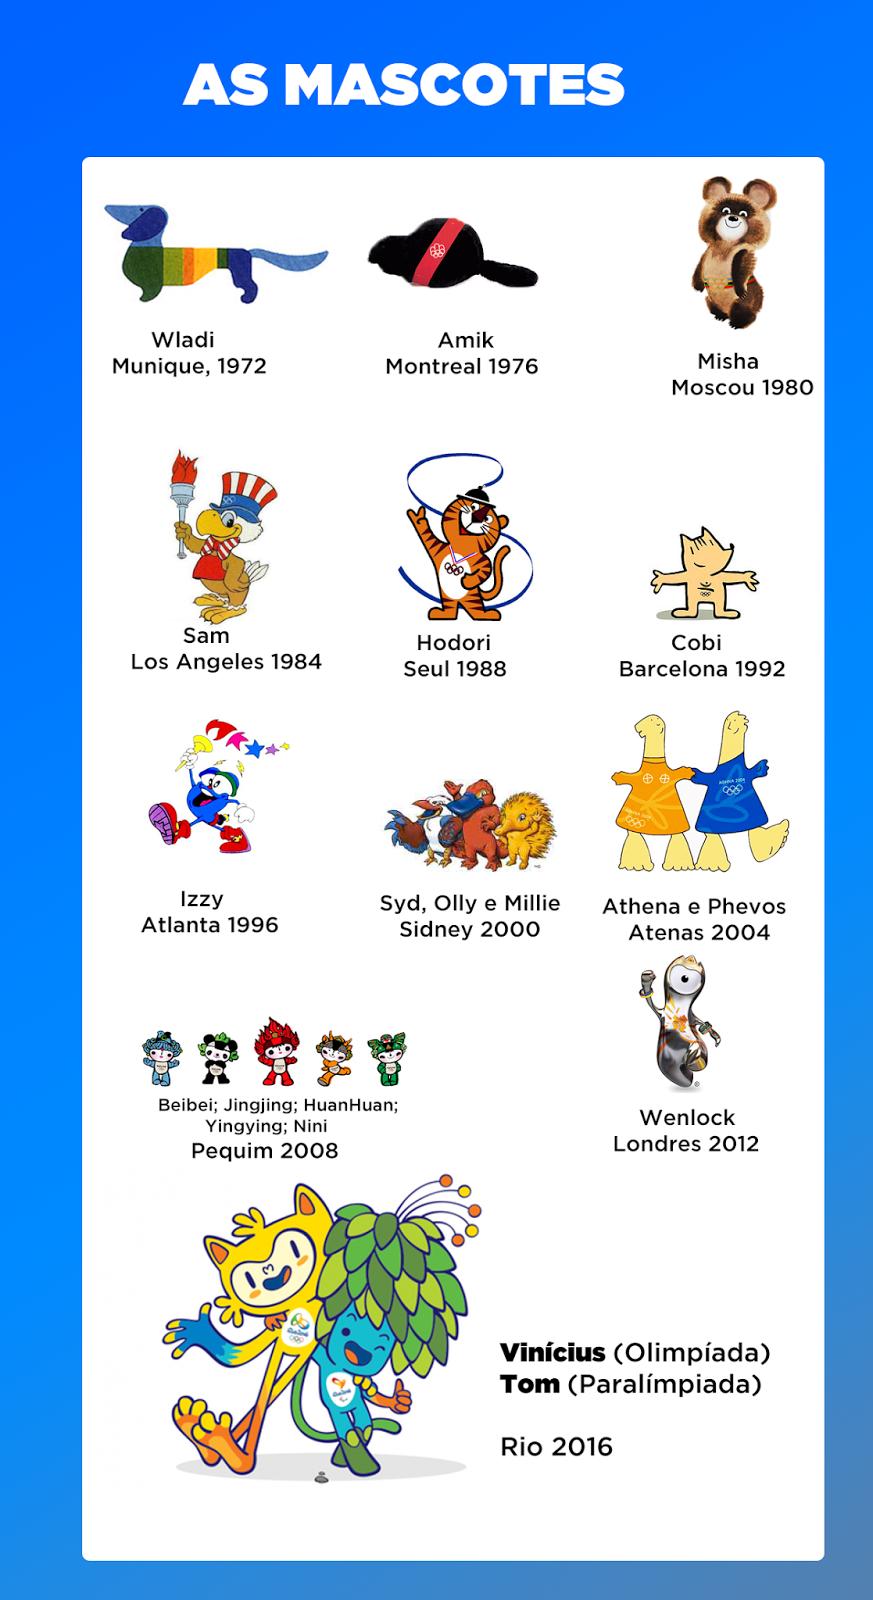 lista completa de mascotes das olimpíadas